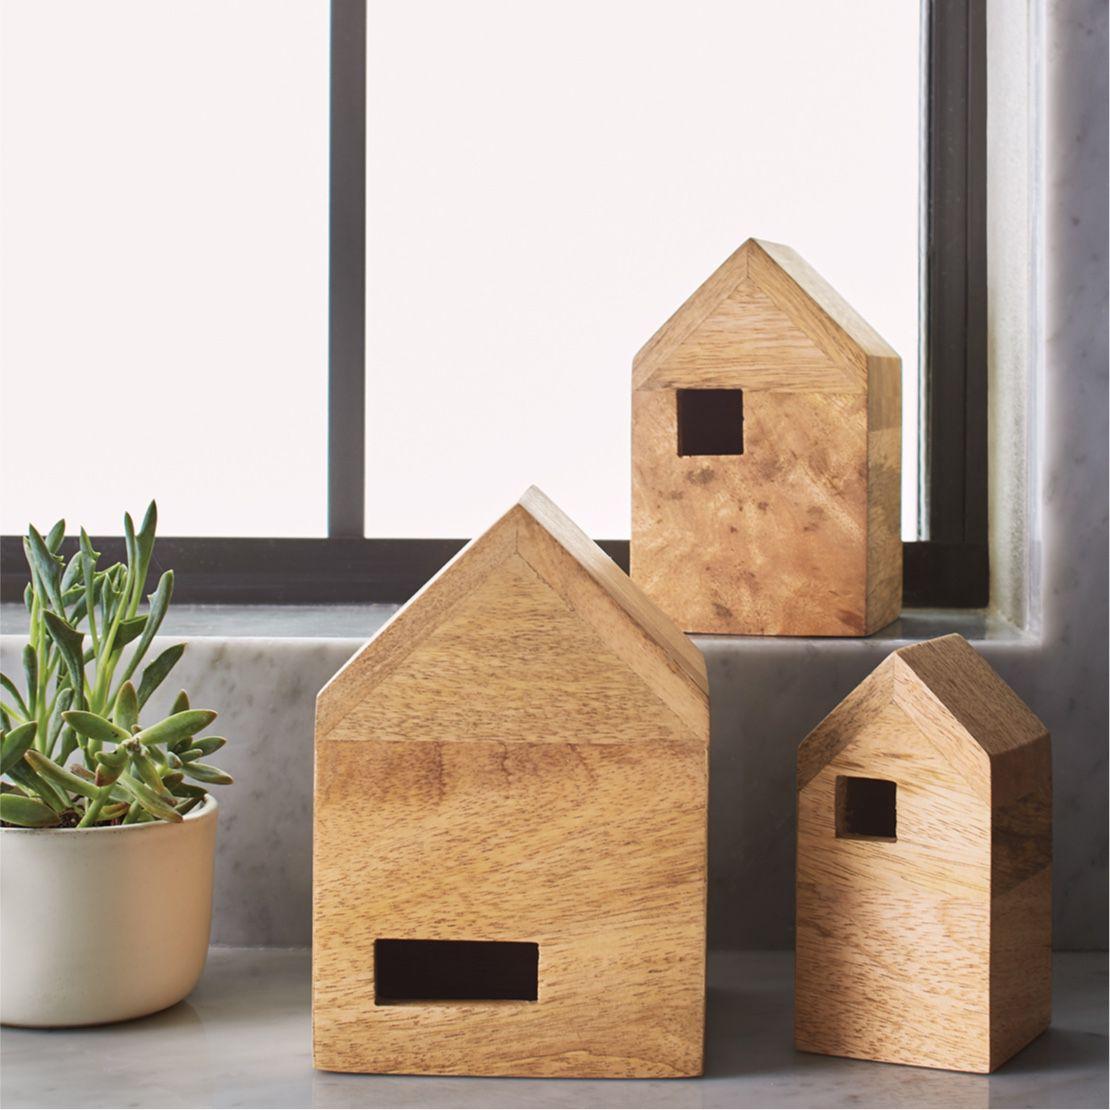 cajas de madera con forma de casas